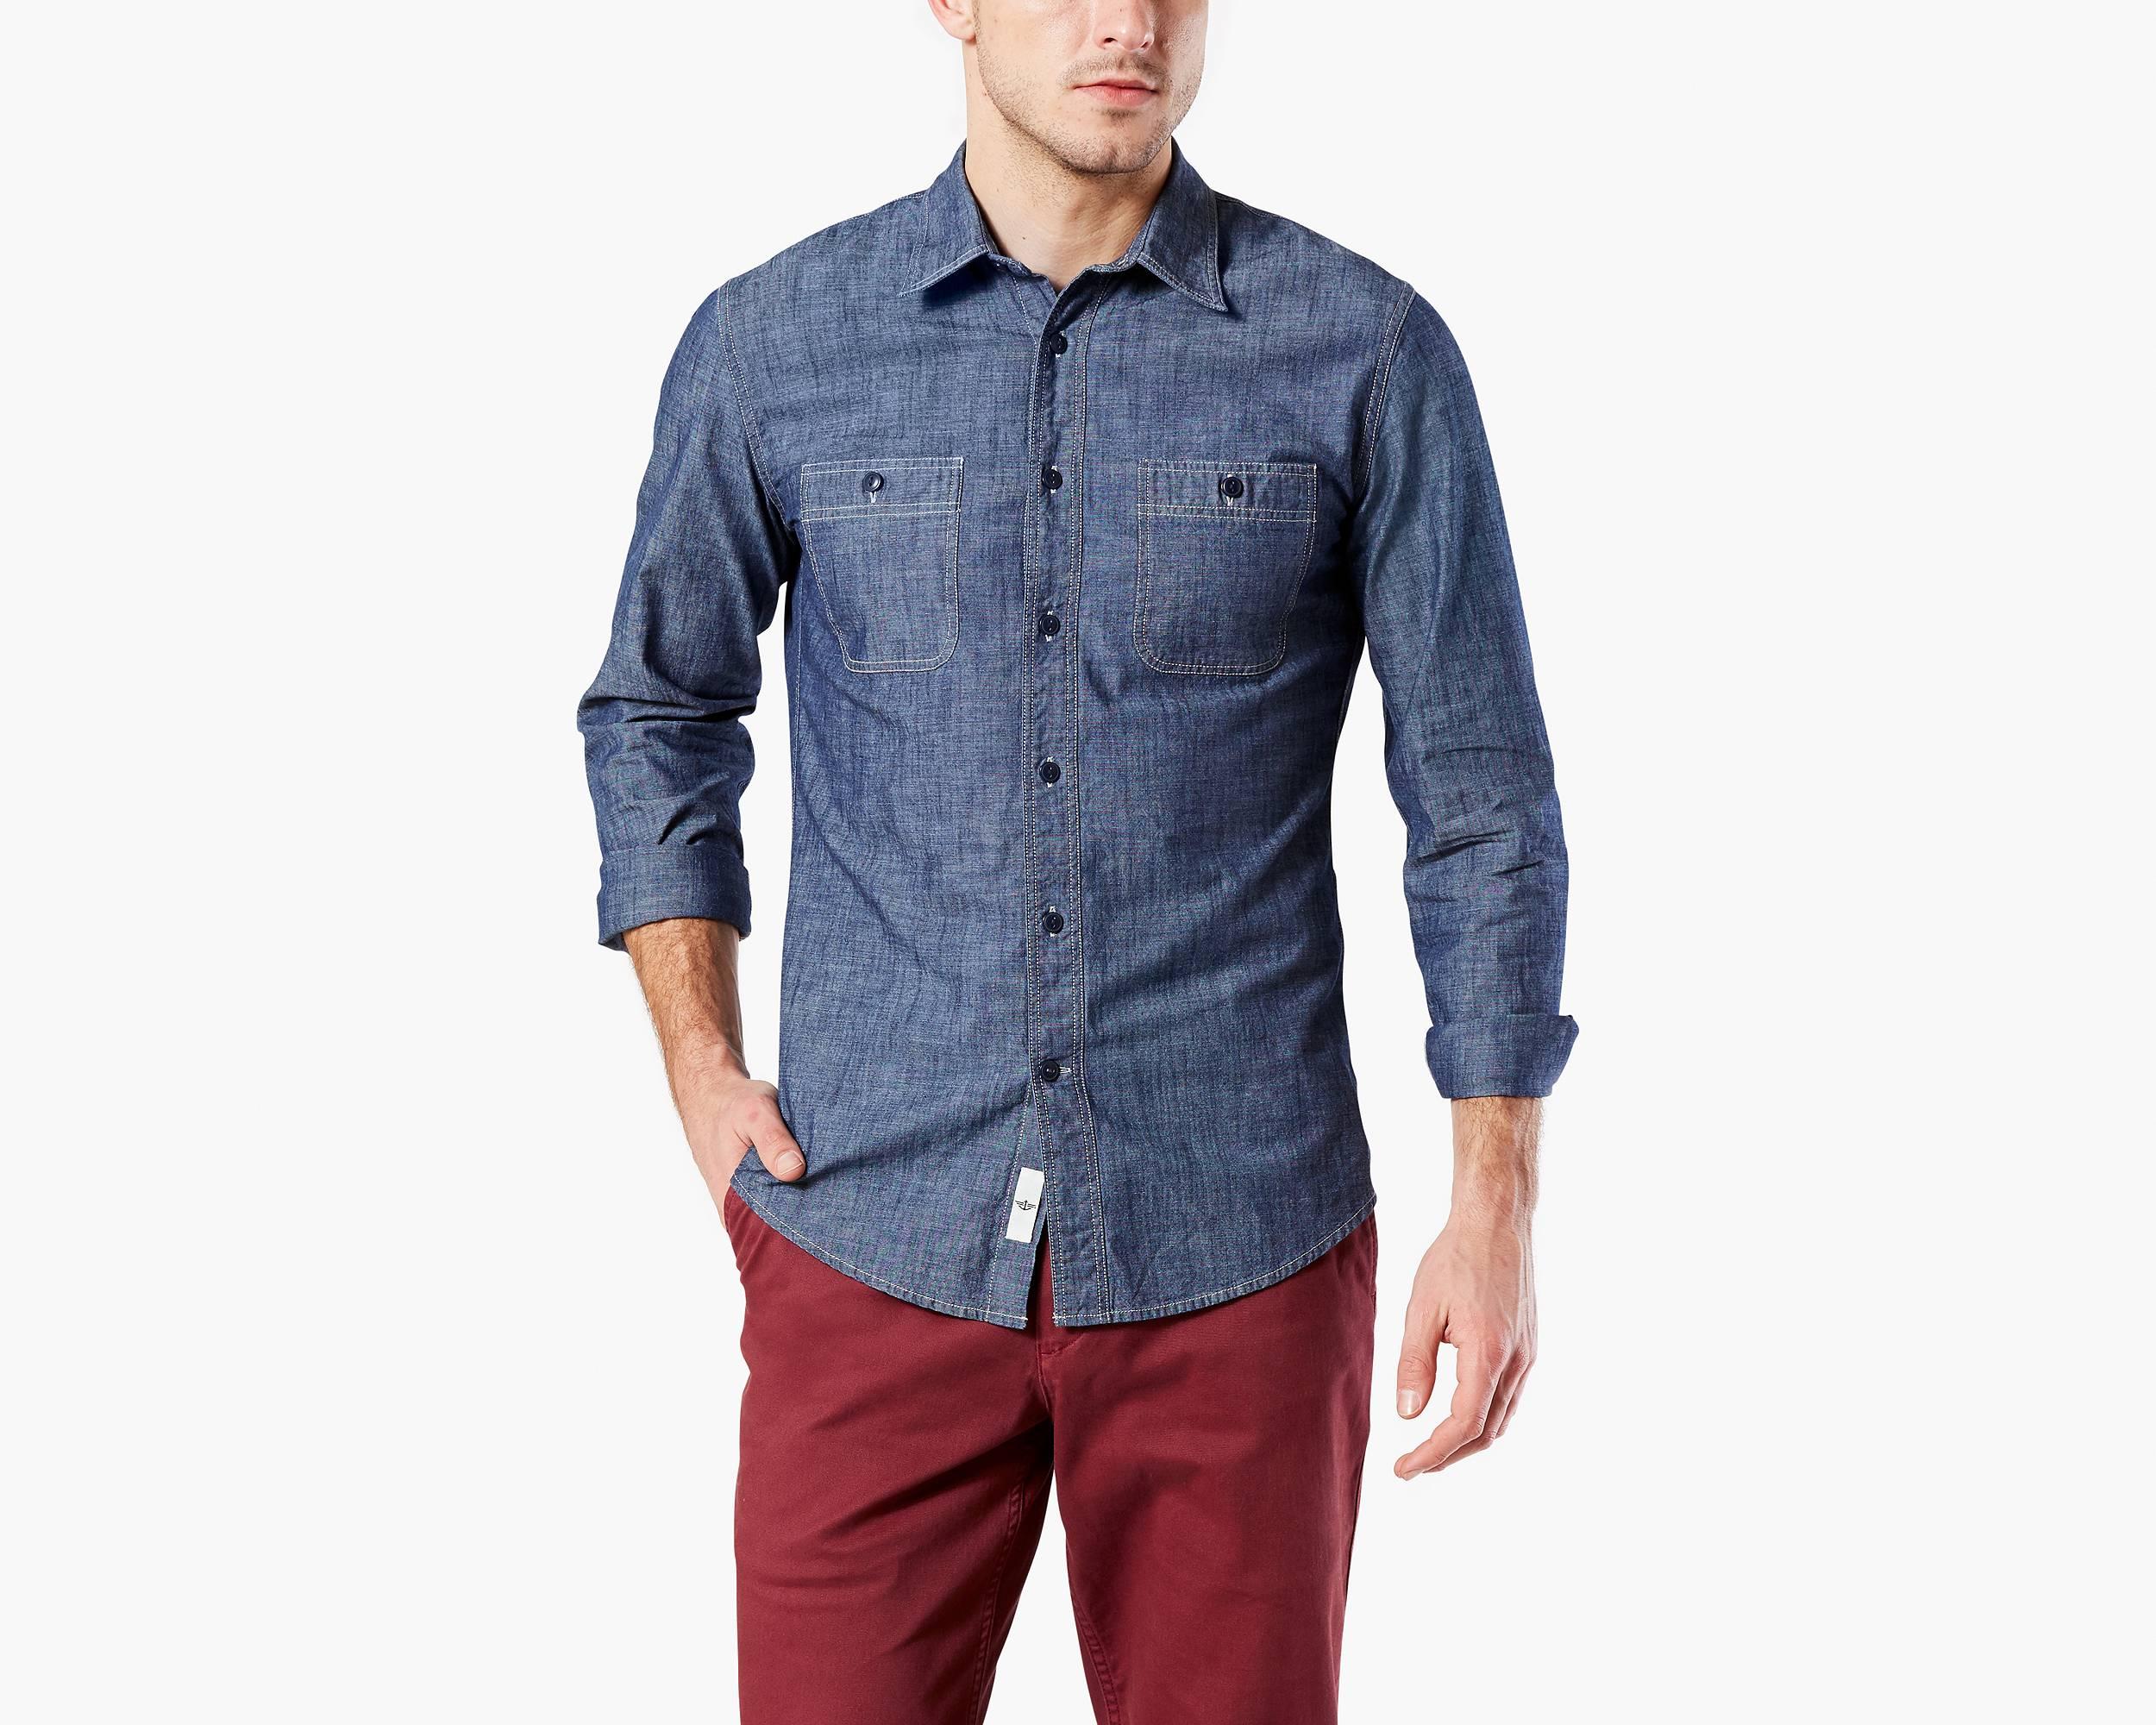 Casual Button Down Shirts for Men - Men's Casual Shirts | Dockers®